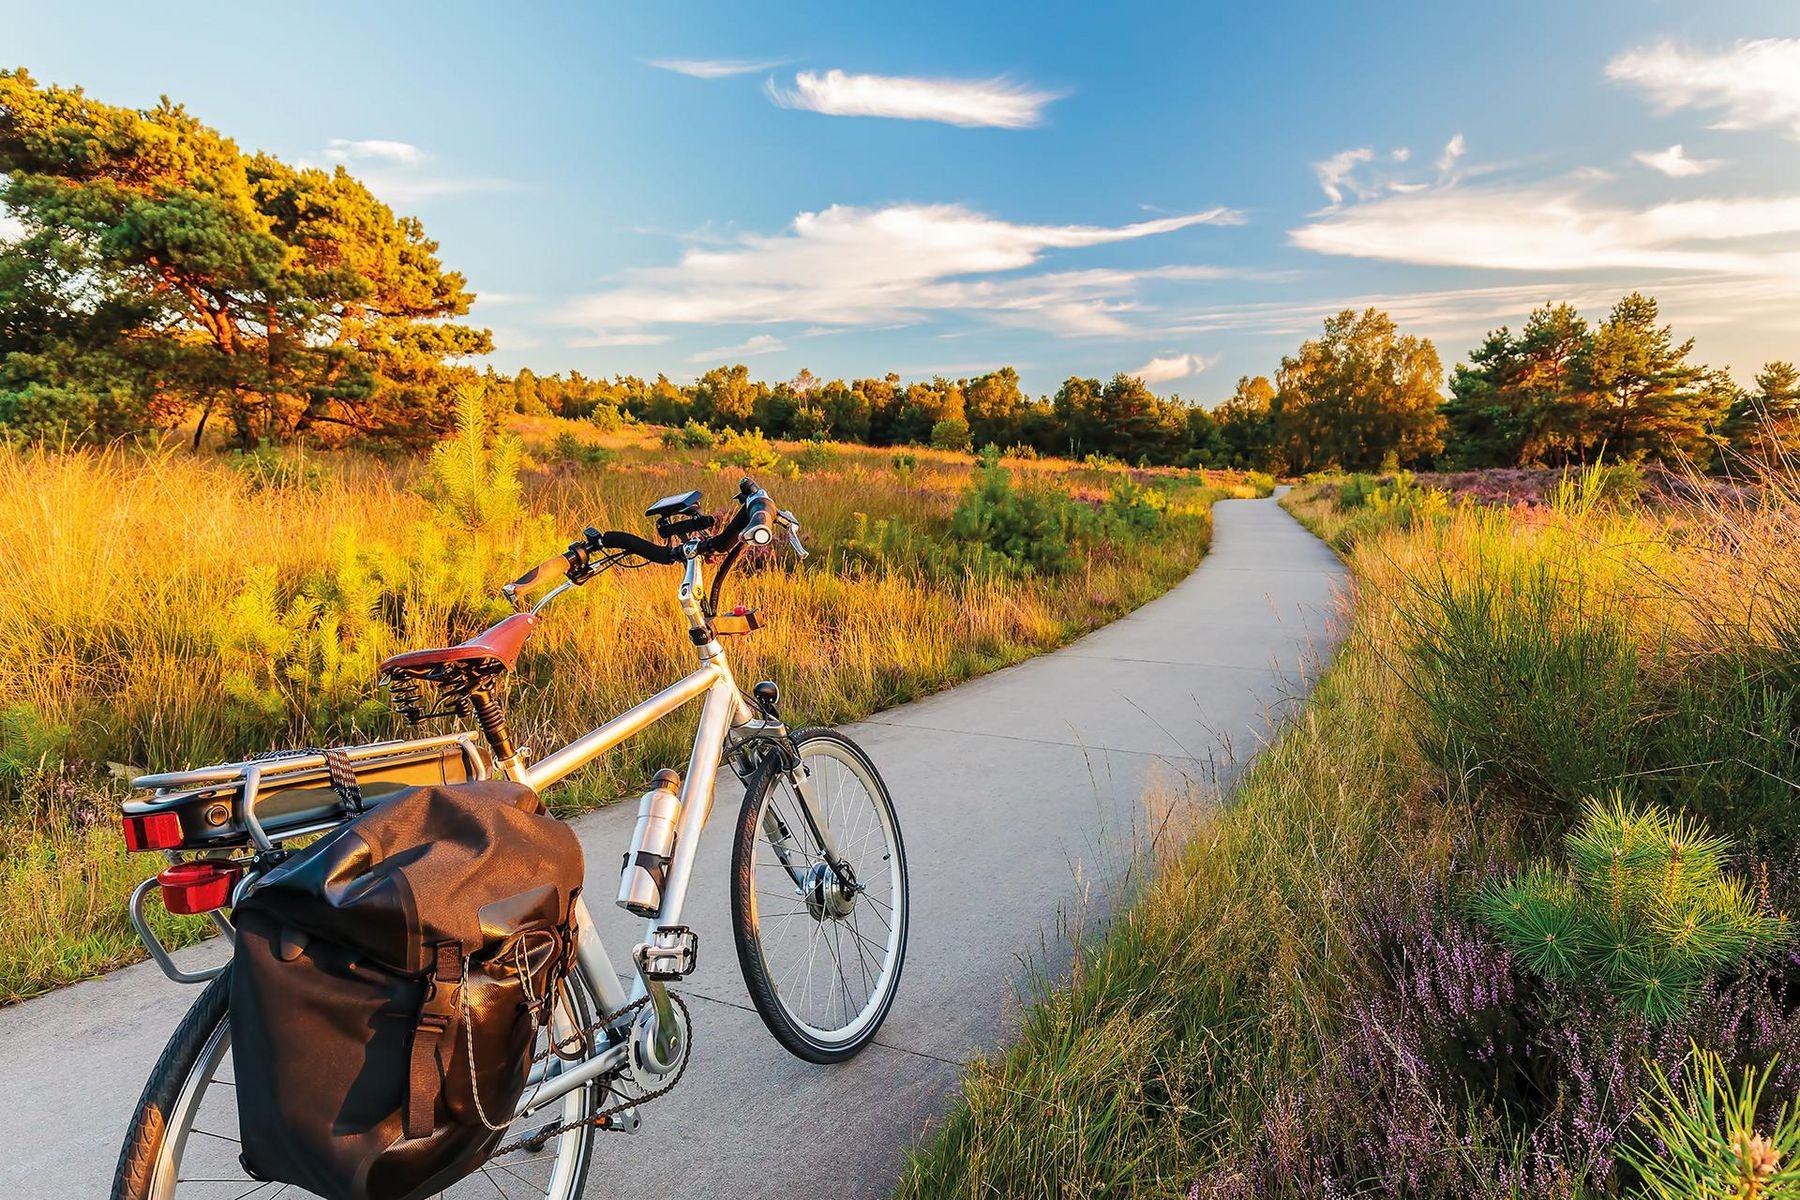 E Fahrrad iStock 603284998 web